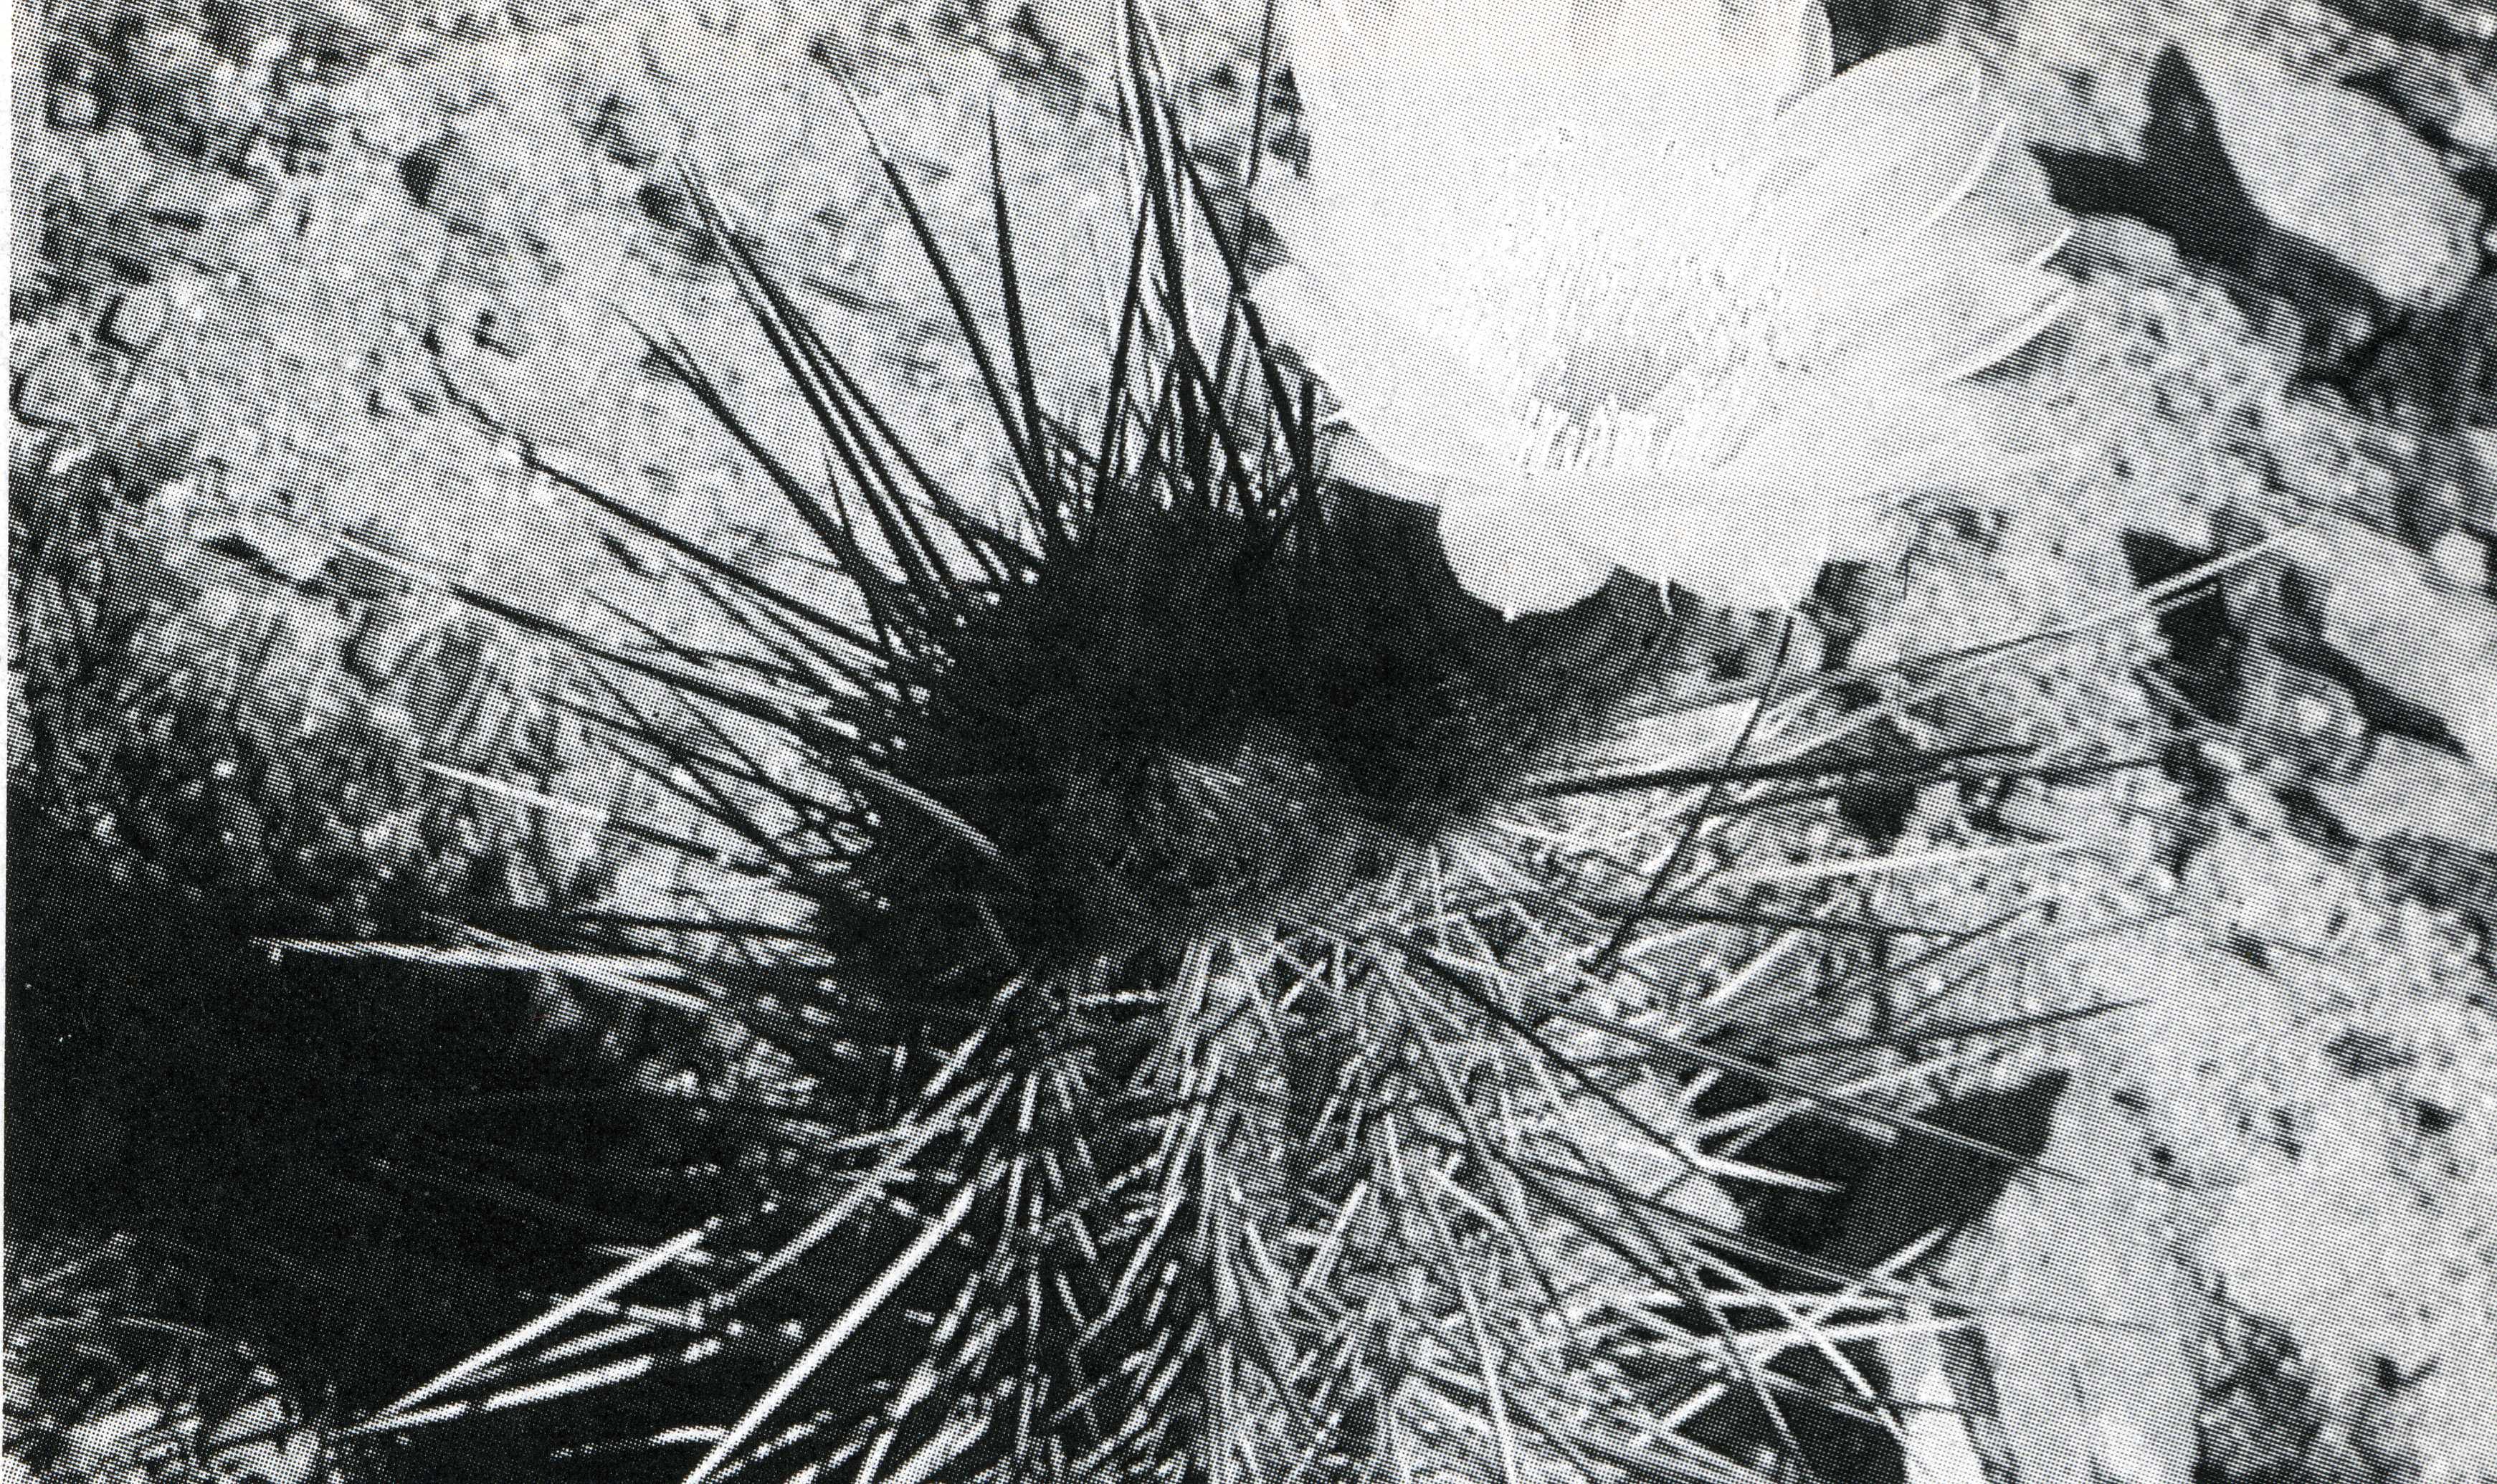 Trichocereus Spinibarbis aka Nigripilis313